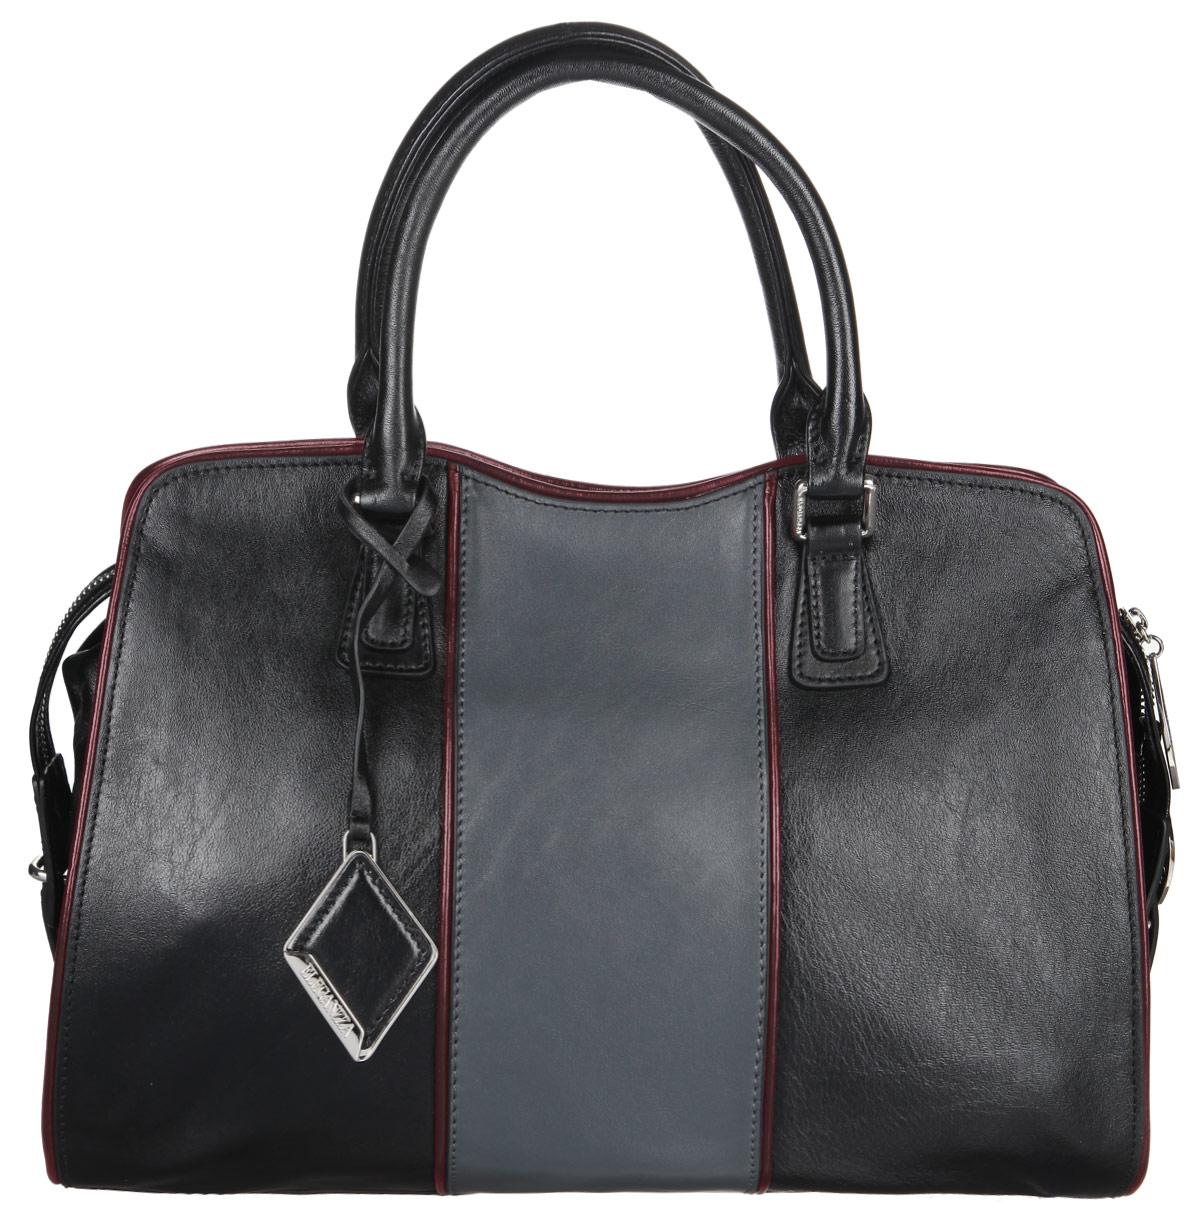 Сумка женская Eleganzza, цвет: черный. Z29-5166L39845800Стильная сумка Eleganzza, изготовлена из натуральной кожи, оформлена металлической фурнитурой и подвеской ромбовидной формы.Изделие содержит одно отделение, которое закрывается на застежку-молнию. Внутри изделия расположены два накладных кармашка для мелочей, врезной карман на молнии. Задняя сторона сумки дополнена врезным карманом на молнии. Изделие оснащено двумя практичными ручками и съемным плечевым ремнем. Дно сумки дополнено металлическими ножками, которые защитят изделие от преждевременного изнашивания.Оригинальный аксессуар позволит вам завершить образ и быть неотразимой.